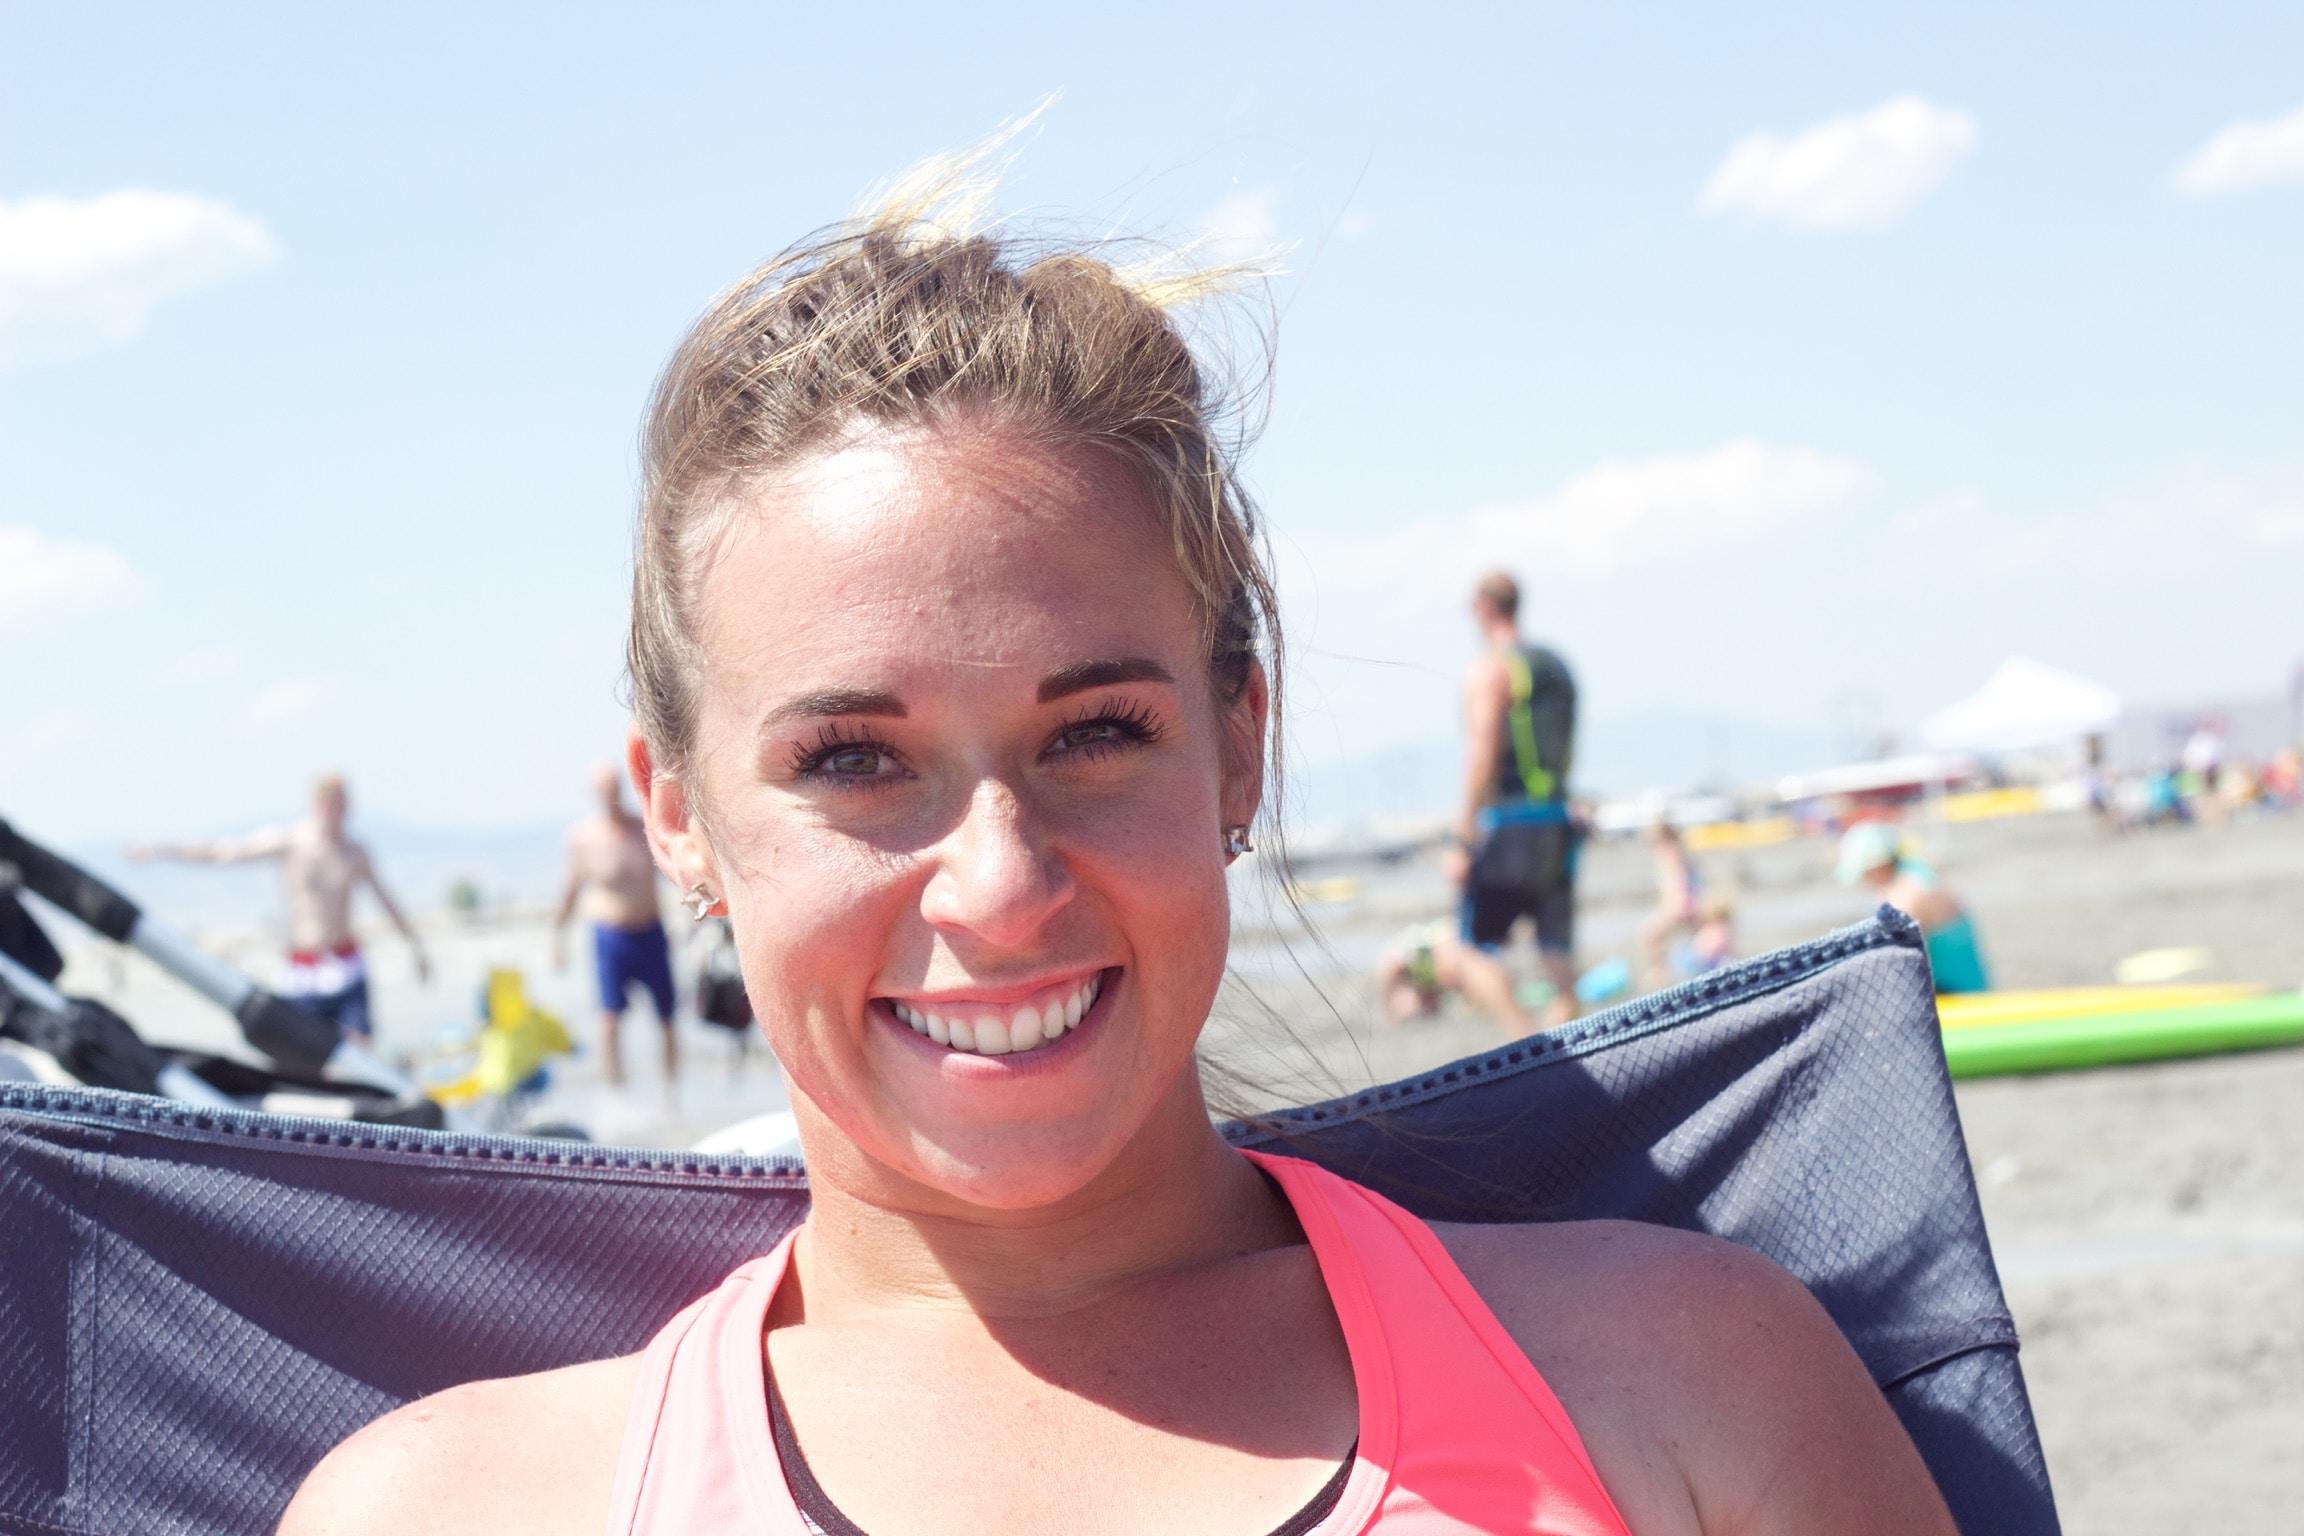 Go to Nicole Lewis's profile